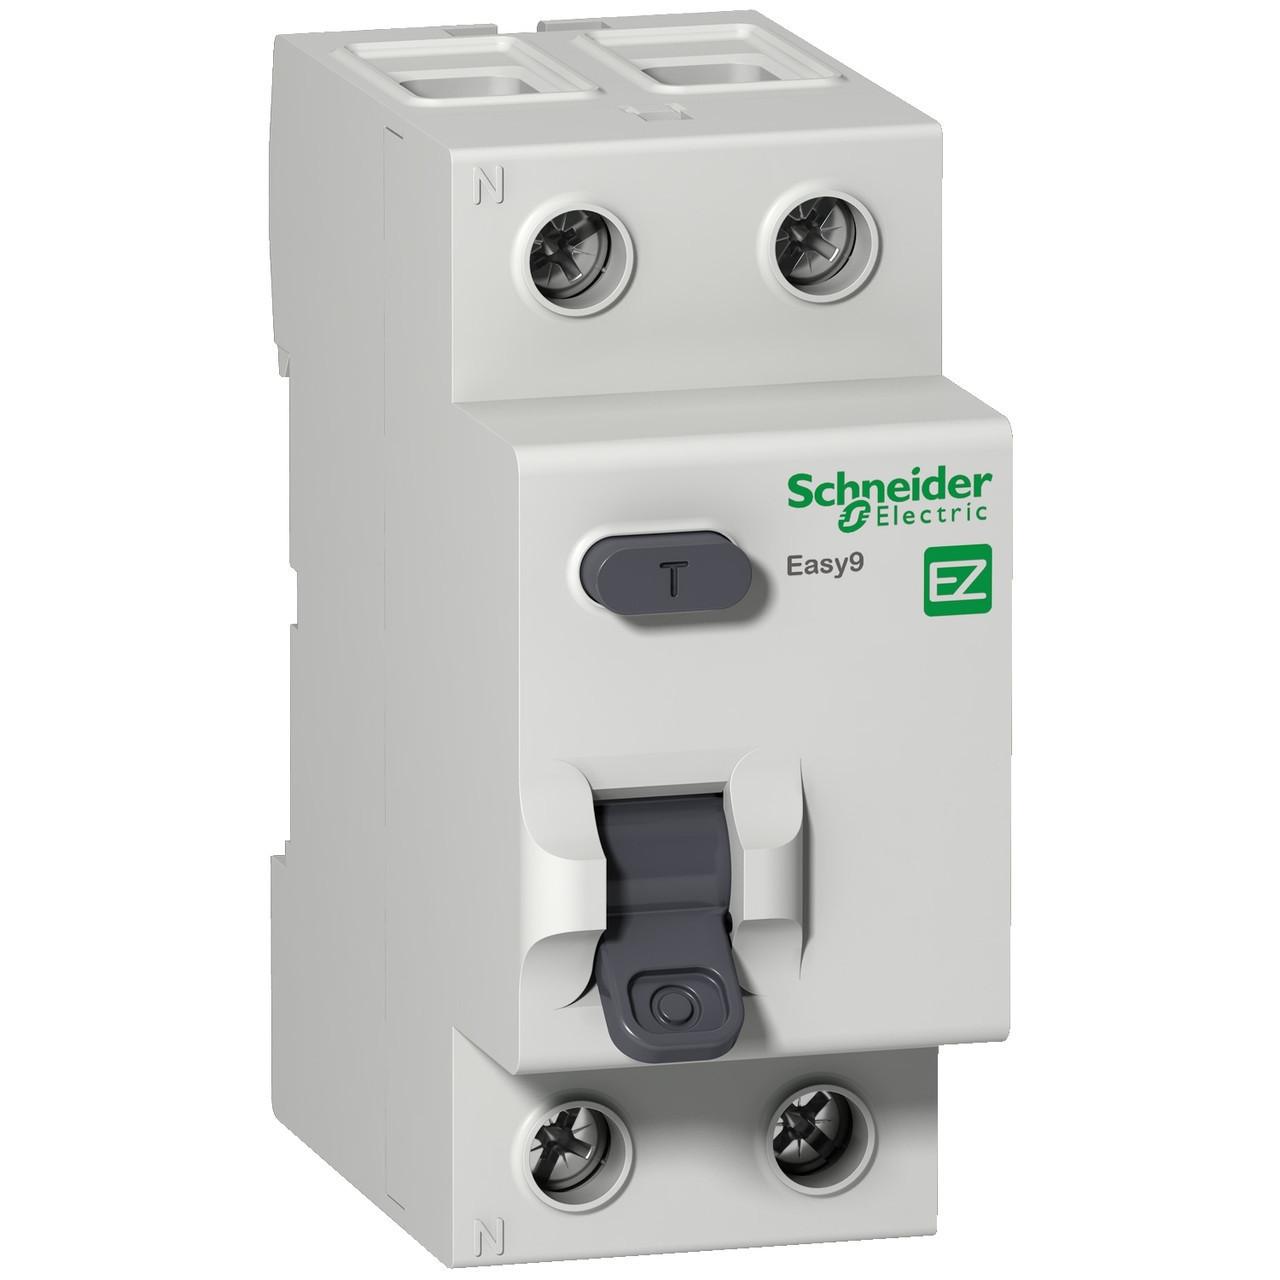 Дифференциальный выключатель EZ9R34240 Easy9 Schneider 2П 40A 30MA AC 36мм